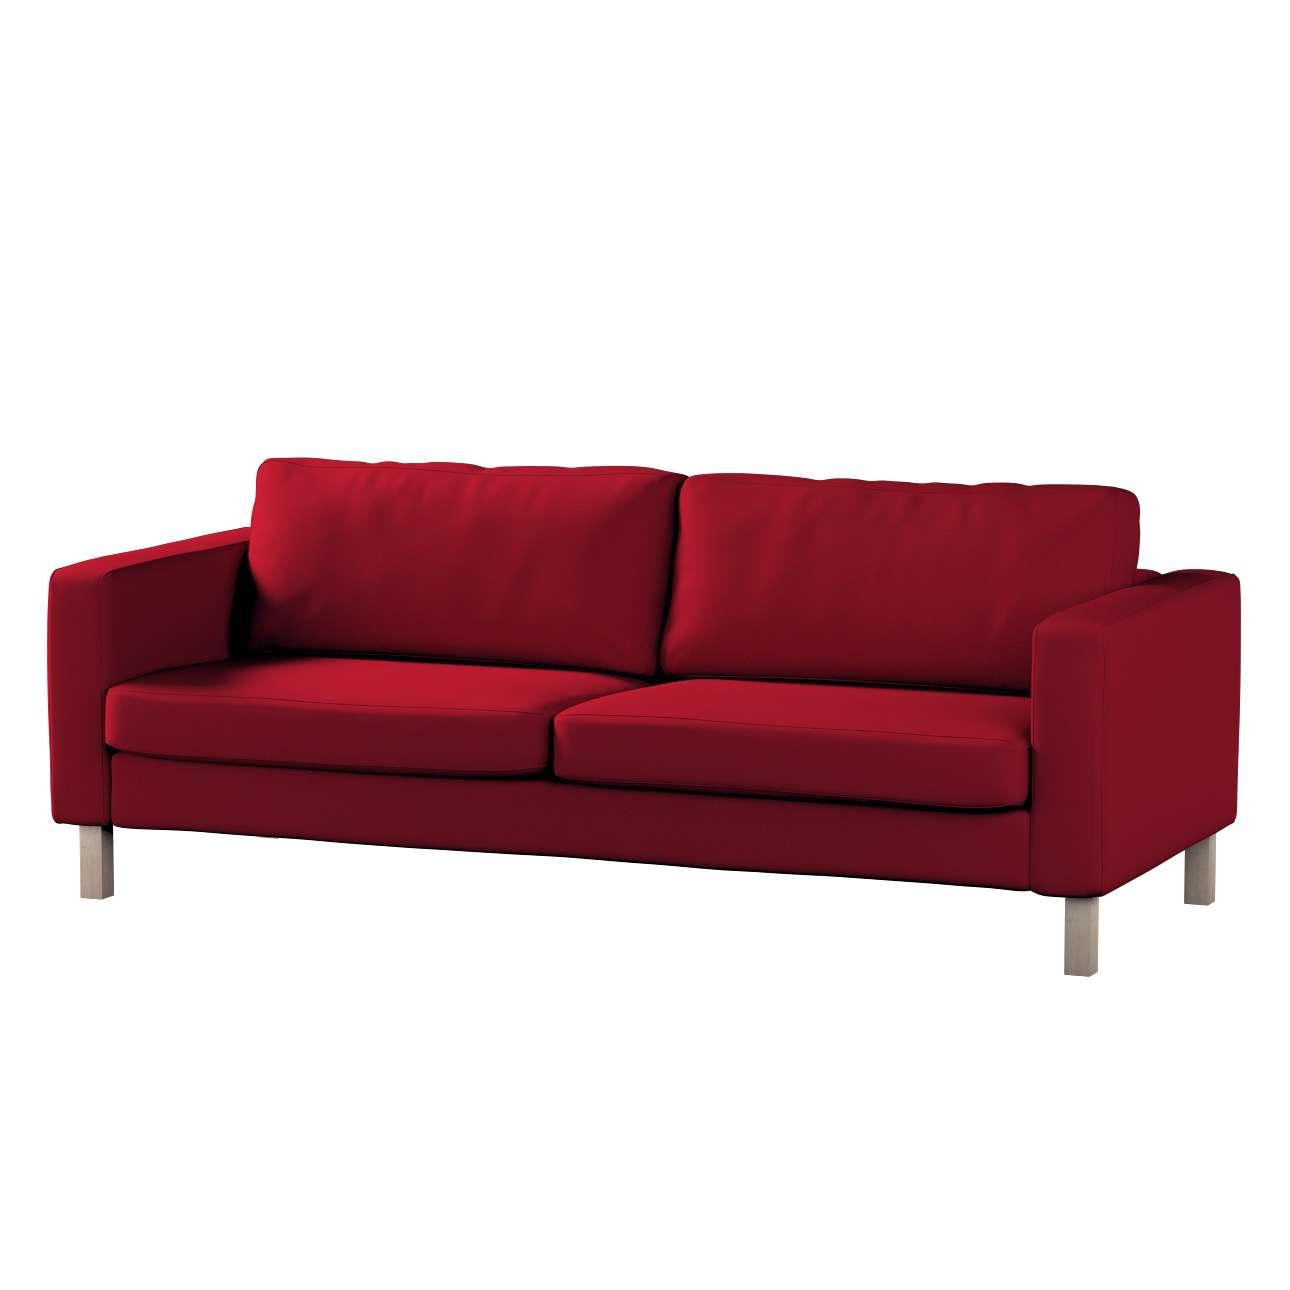 Poťah na sedačku Karlstad (nerozkladá sa, pre 3 osoby, krátka) Poťah na sedačku Karlstad - pre 3 osoby, nerozkladá sa, krátka V kolekcii Etna, tkanina: 705-60